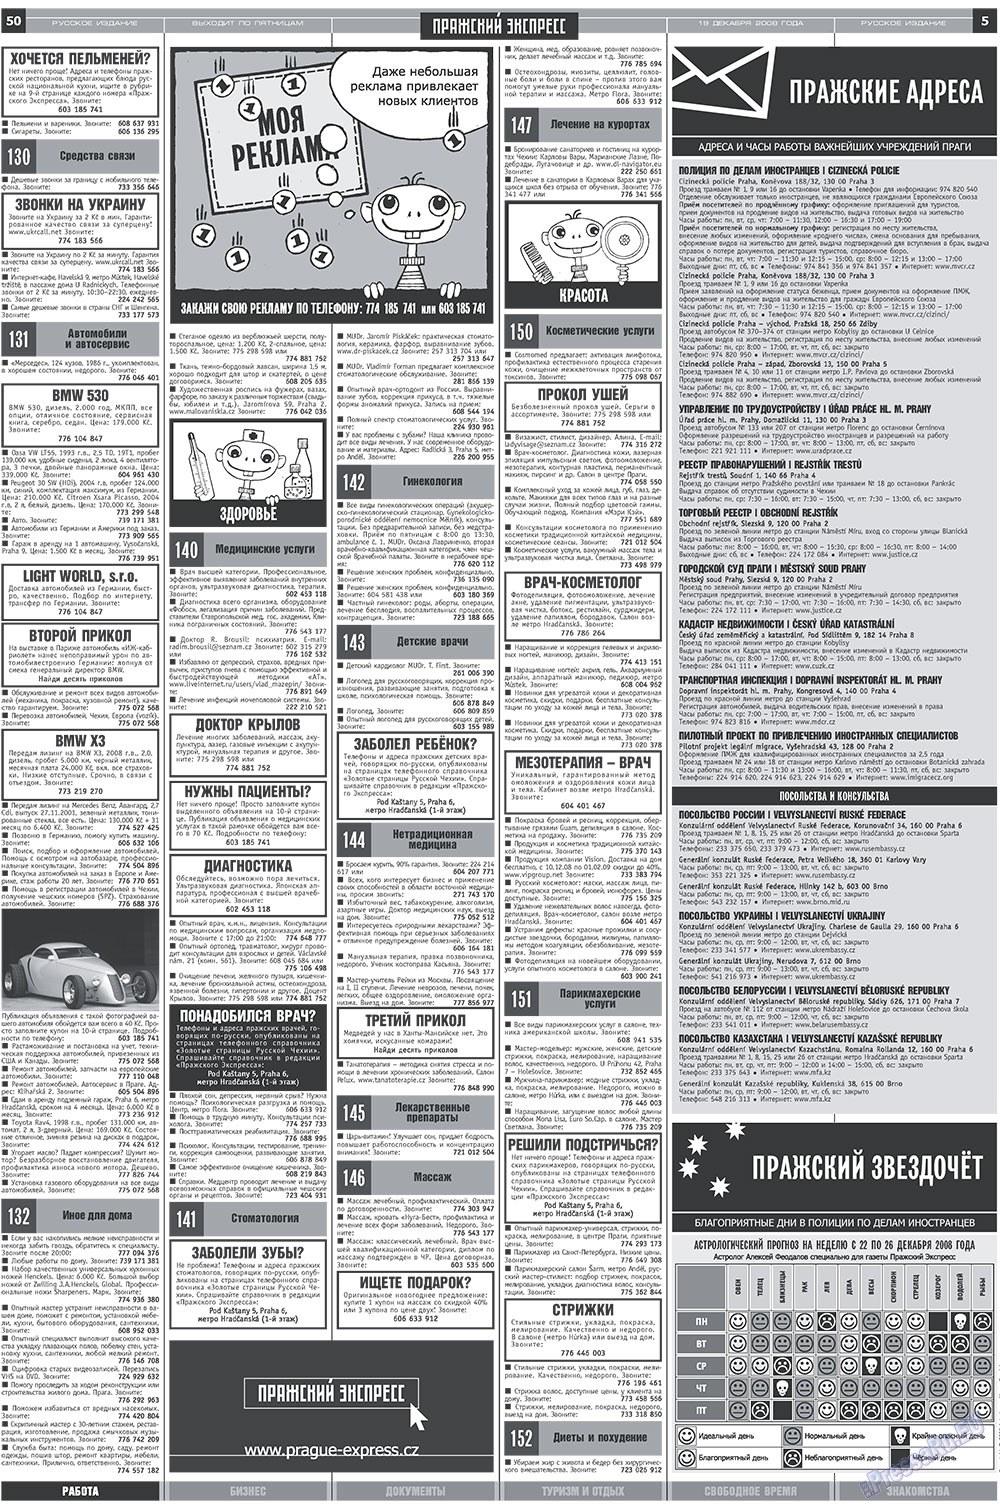 Пражский экспресс (газета). 2008 год, номер 50, стр. 5